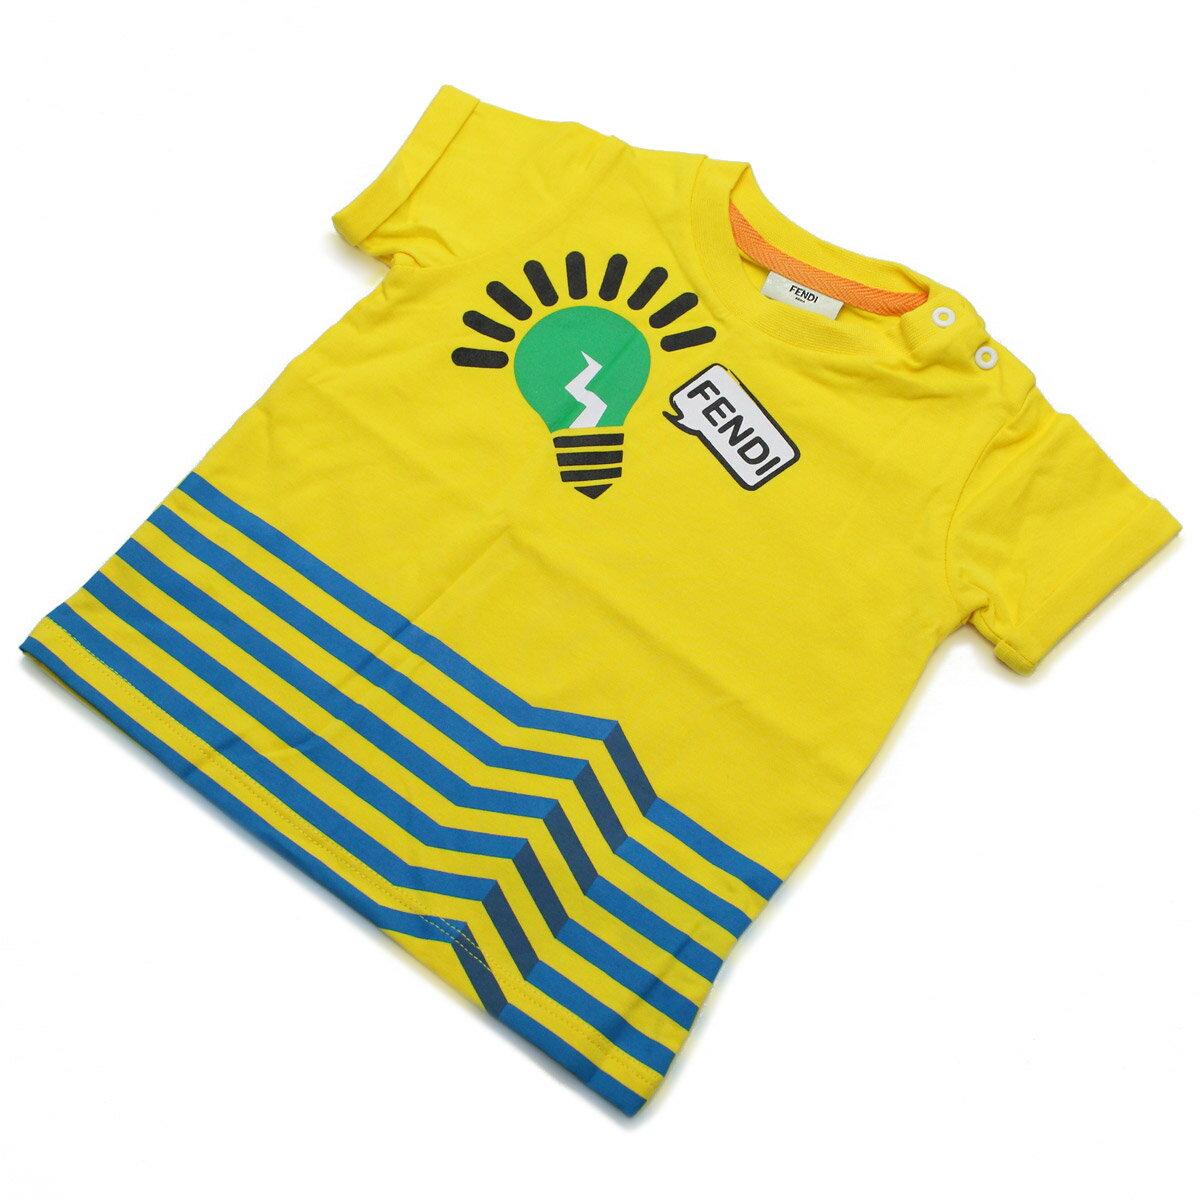 フェンディ (FENDI) ベビーTシャツ ベビー服 BMI060 ST8 F0QF1 イエロー系【キッズ・ベビー】【男の子】